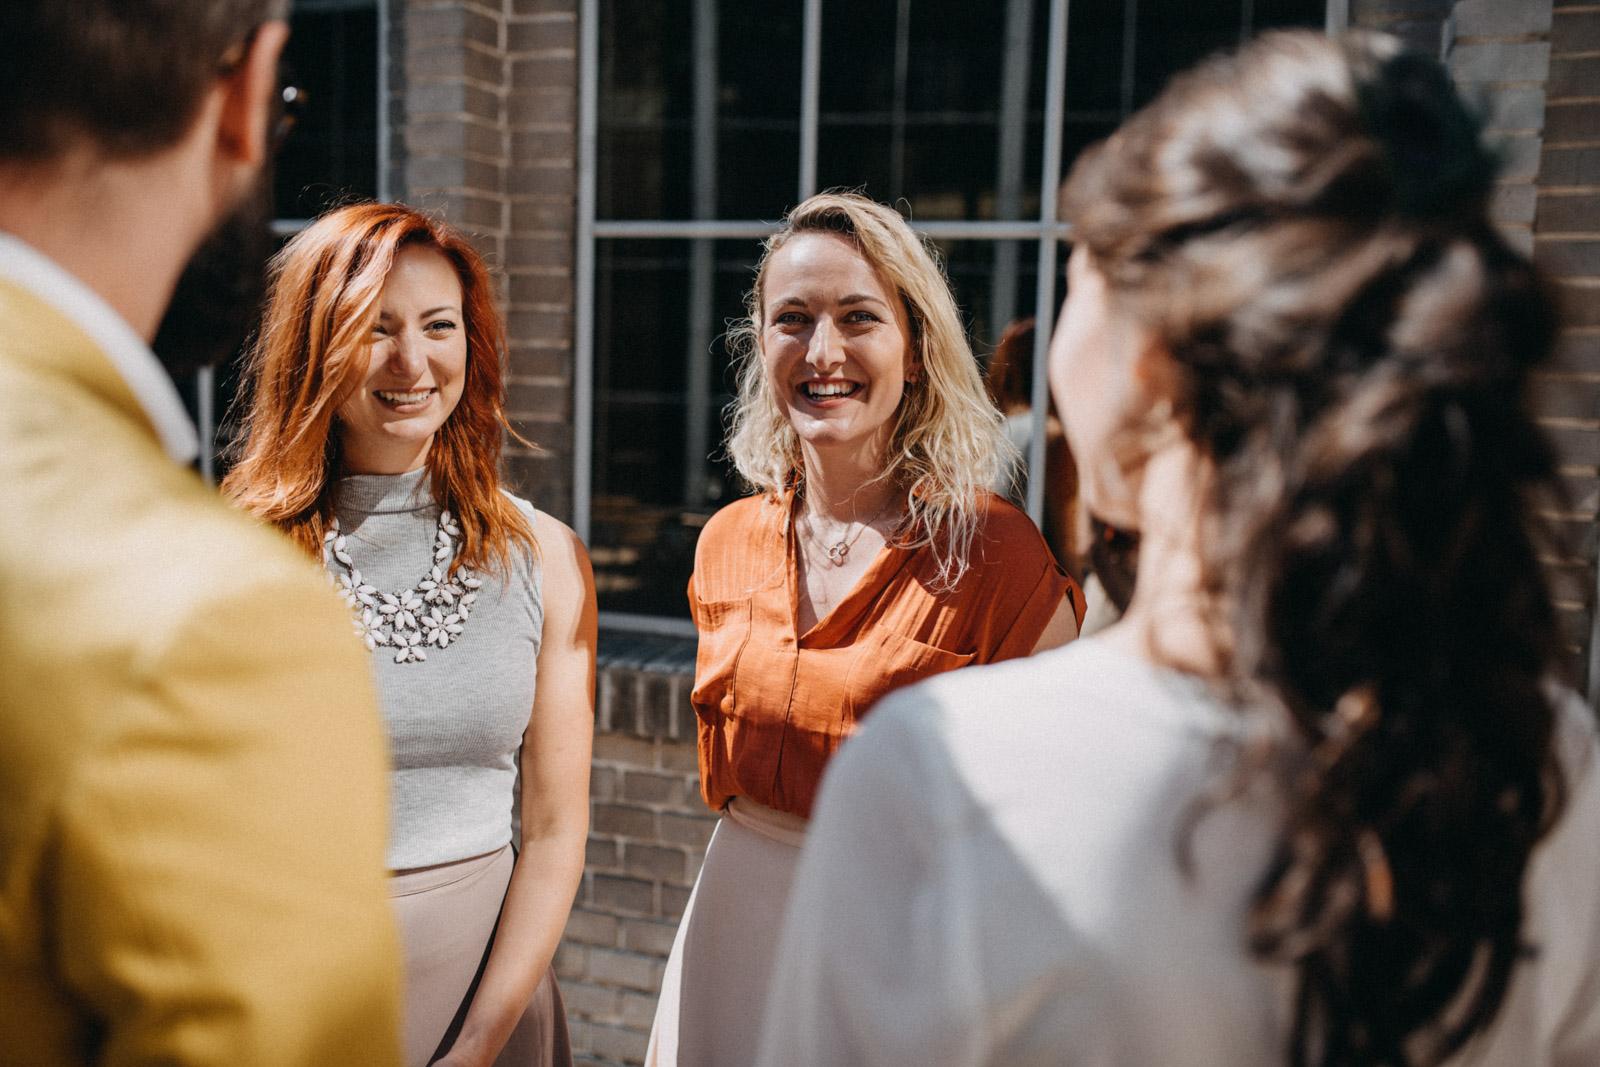 focení editorialu udržitelných svatebních šatů od Férovek a Wedding Factory